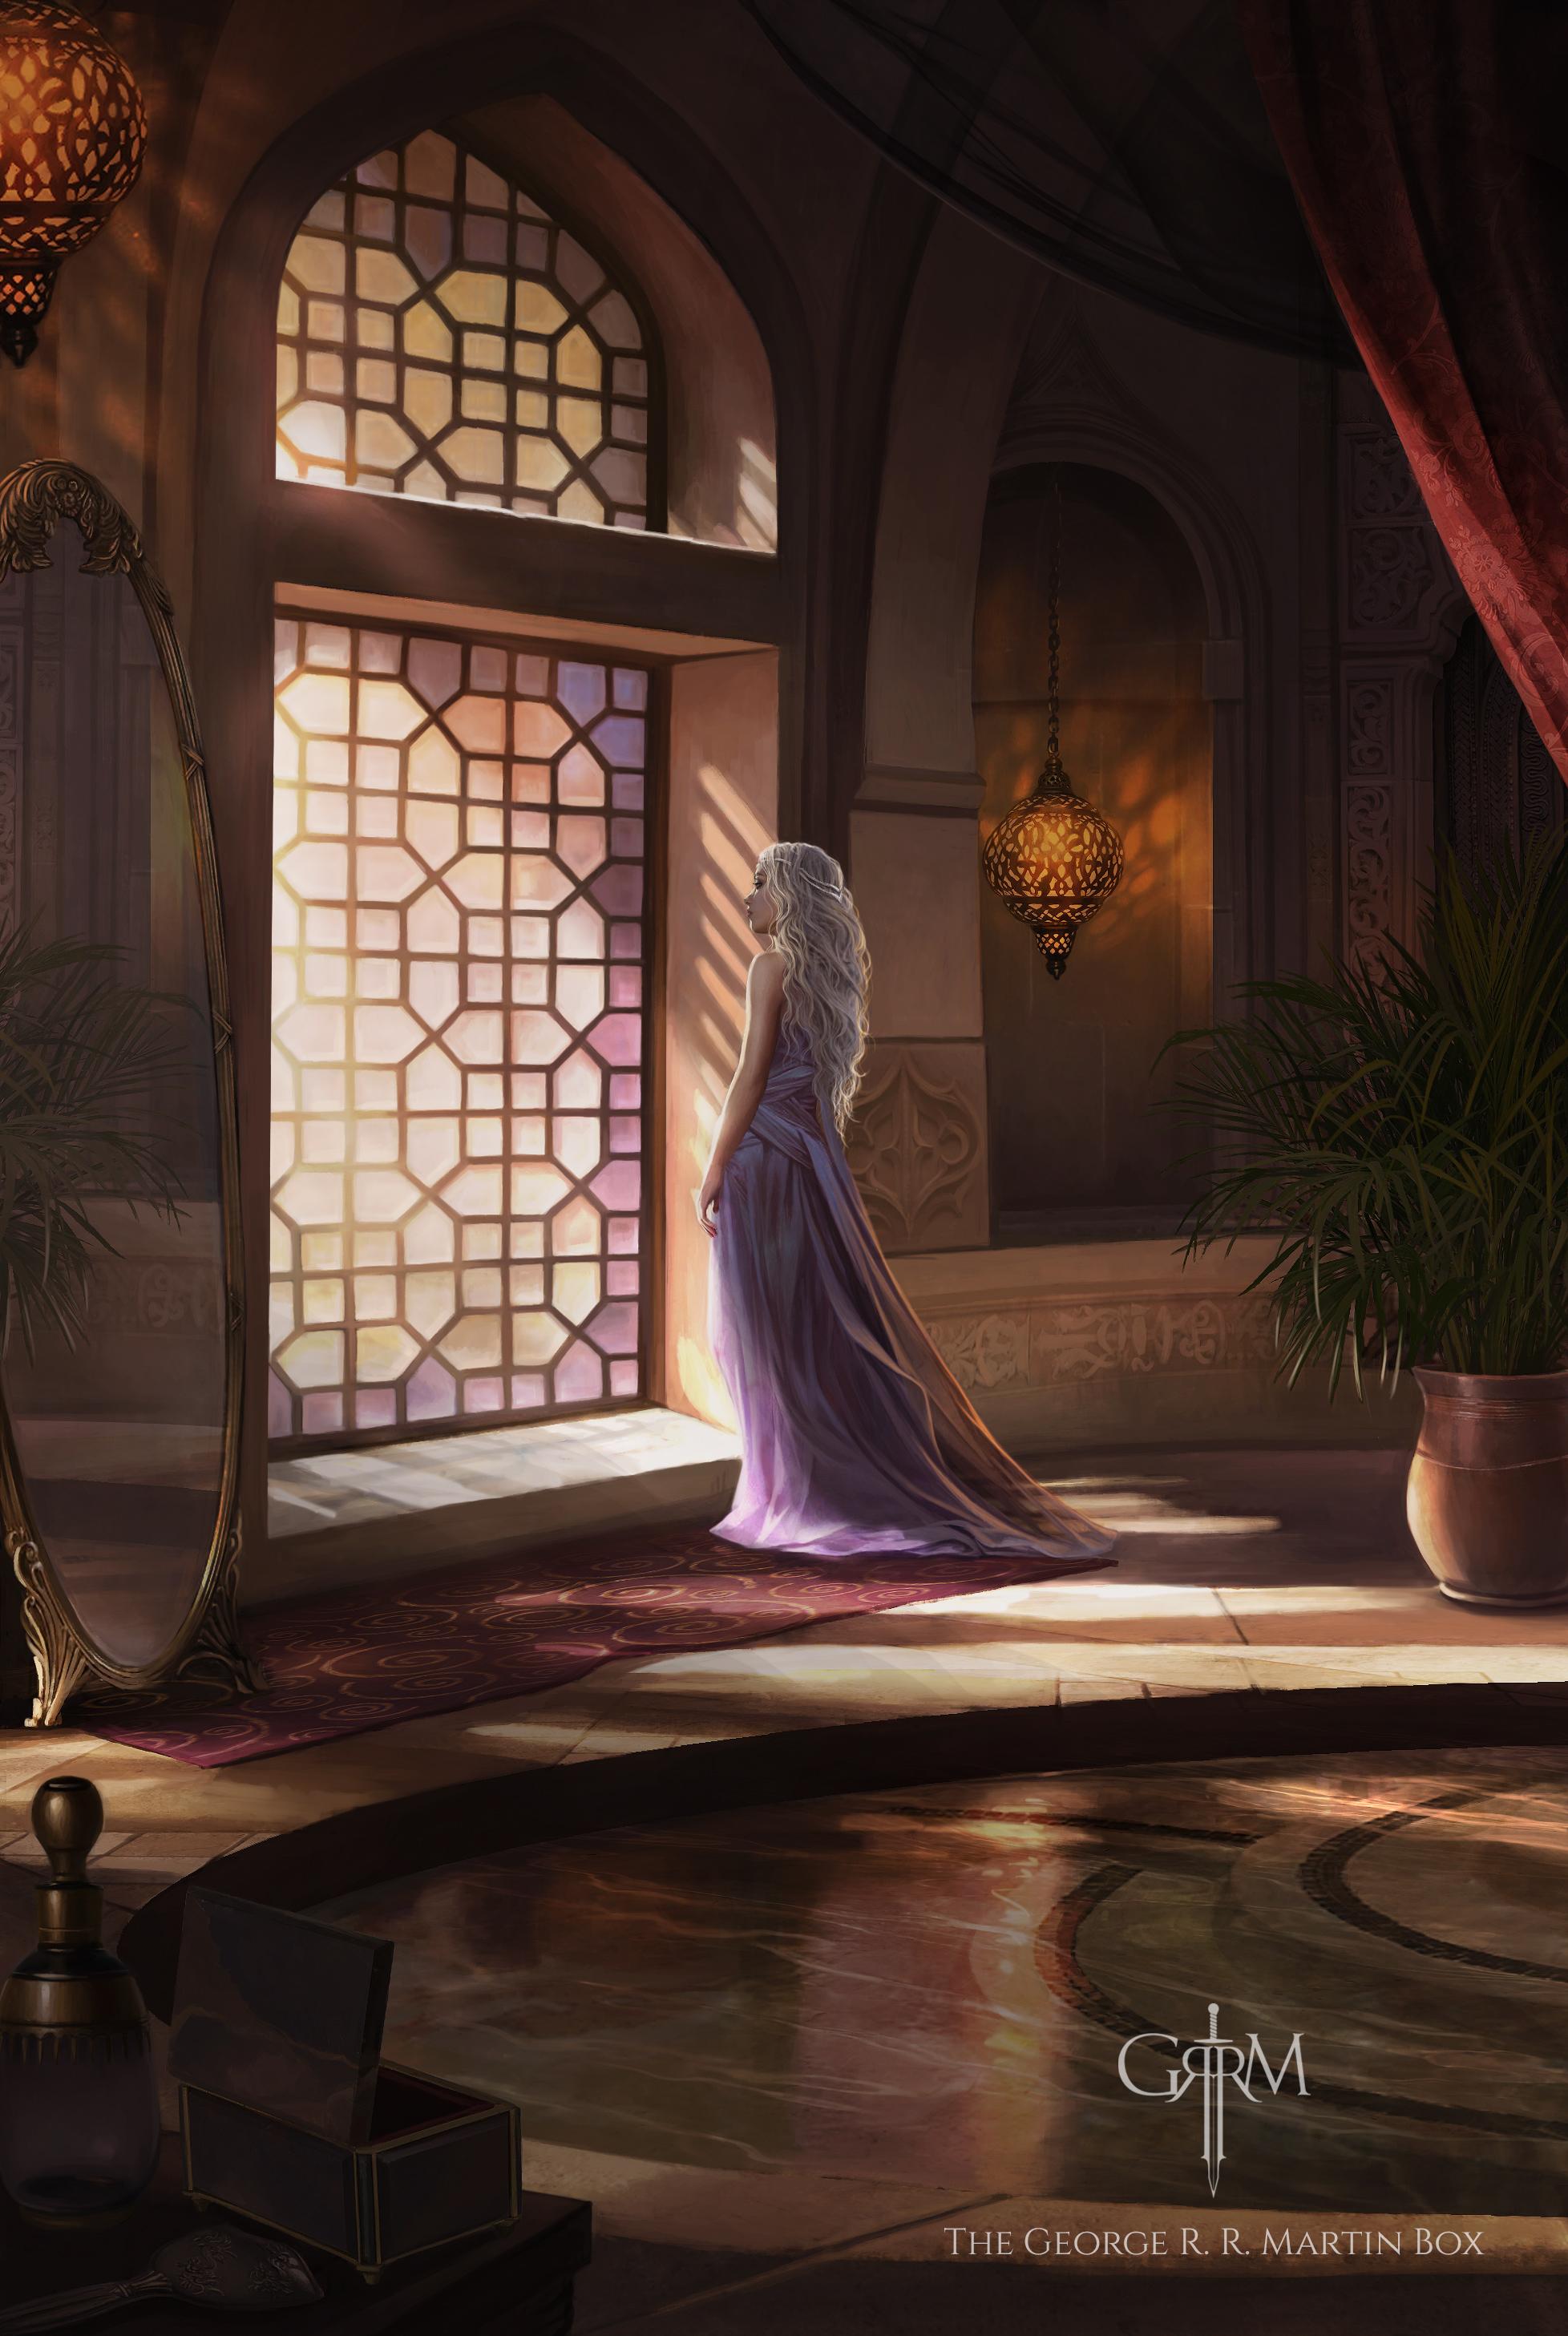 A Game of Thrones - Kapitel 3 - Daenerys I